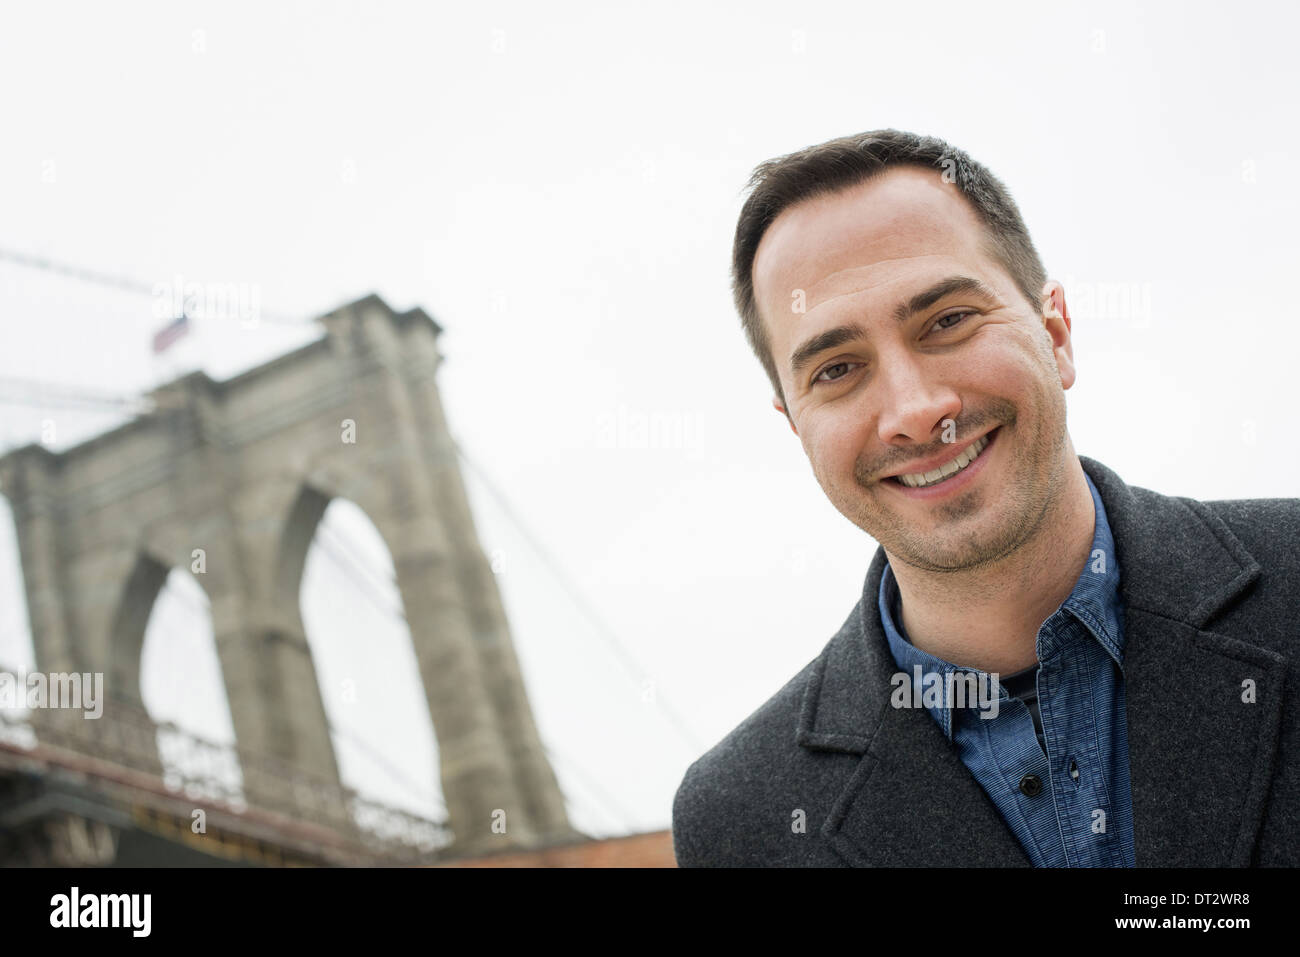 La ciudad de Nueva York el Puente de Brooklyn cruzando el East River, un hombre que mira a la cámara y sonriendo Imagen De Stock